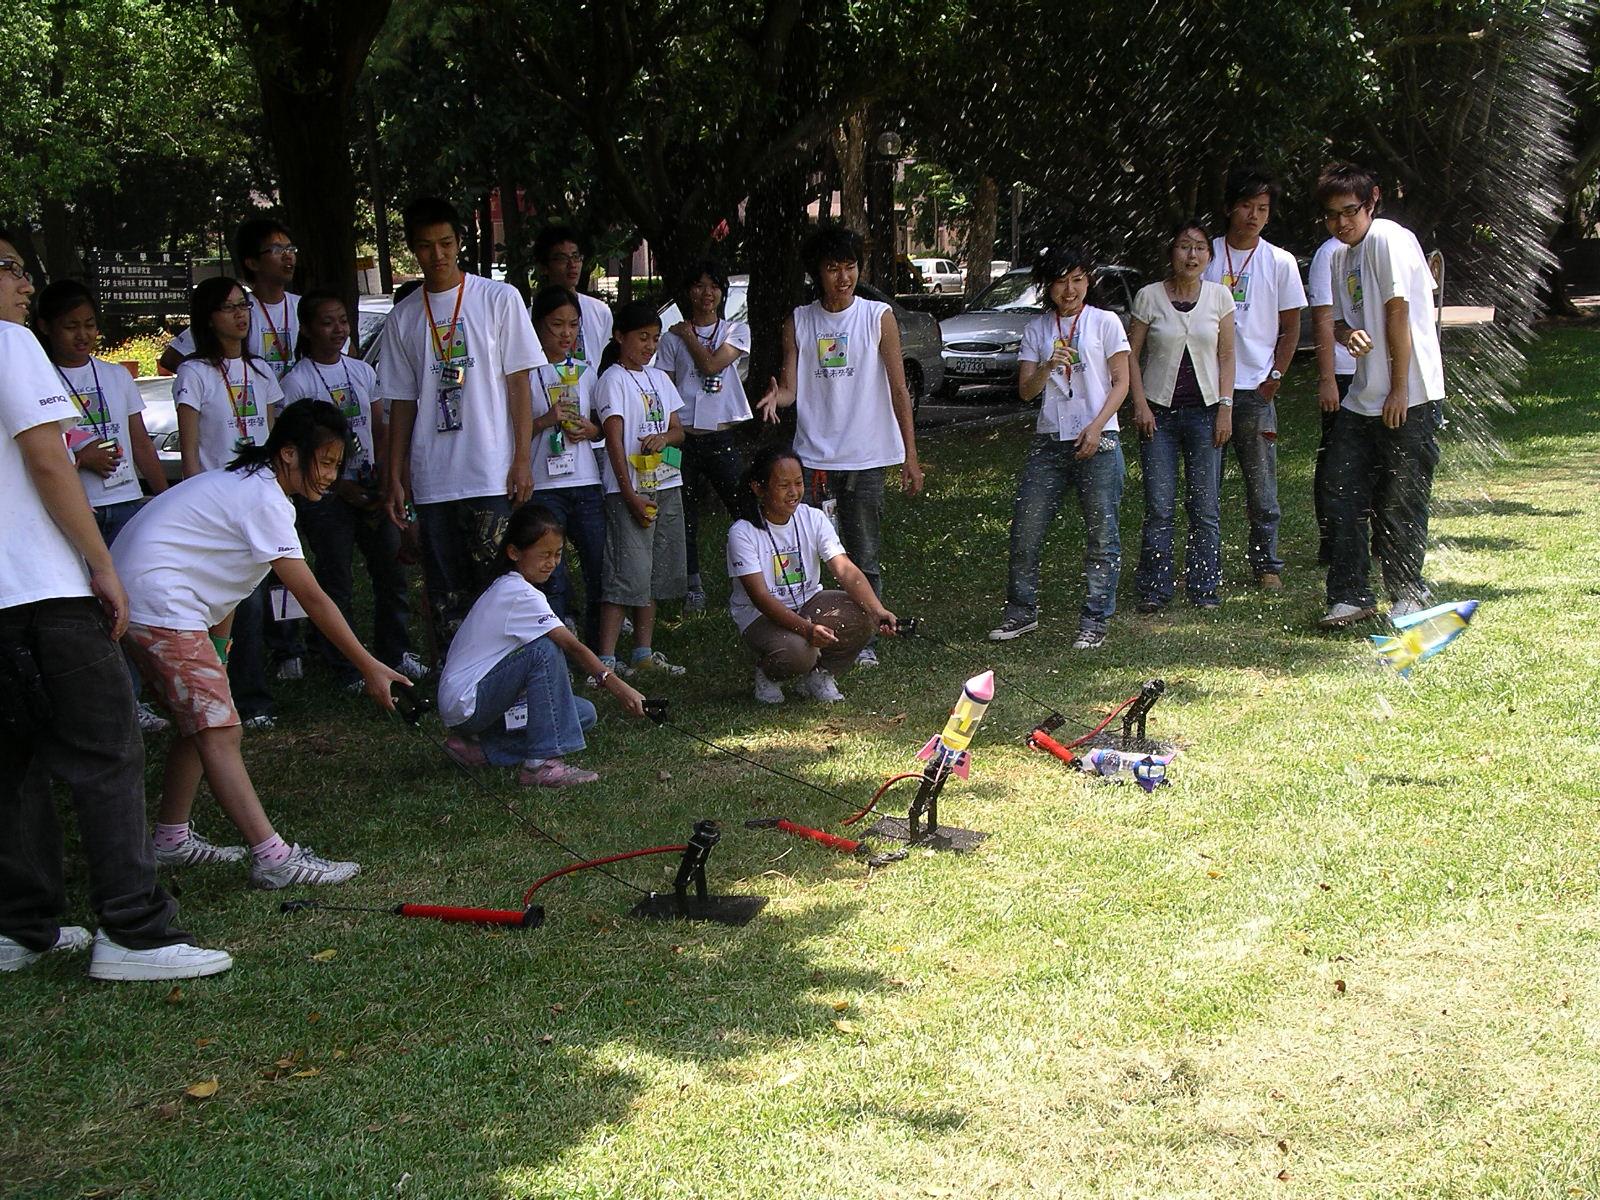 中原大學暑期營隊 幫助弱勢兒童快樂過暑假